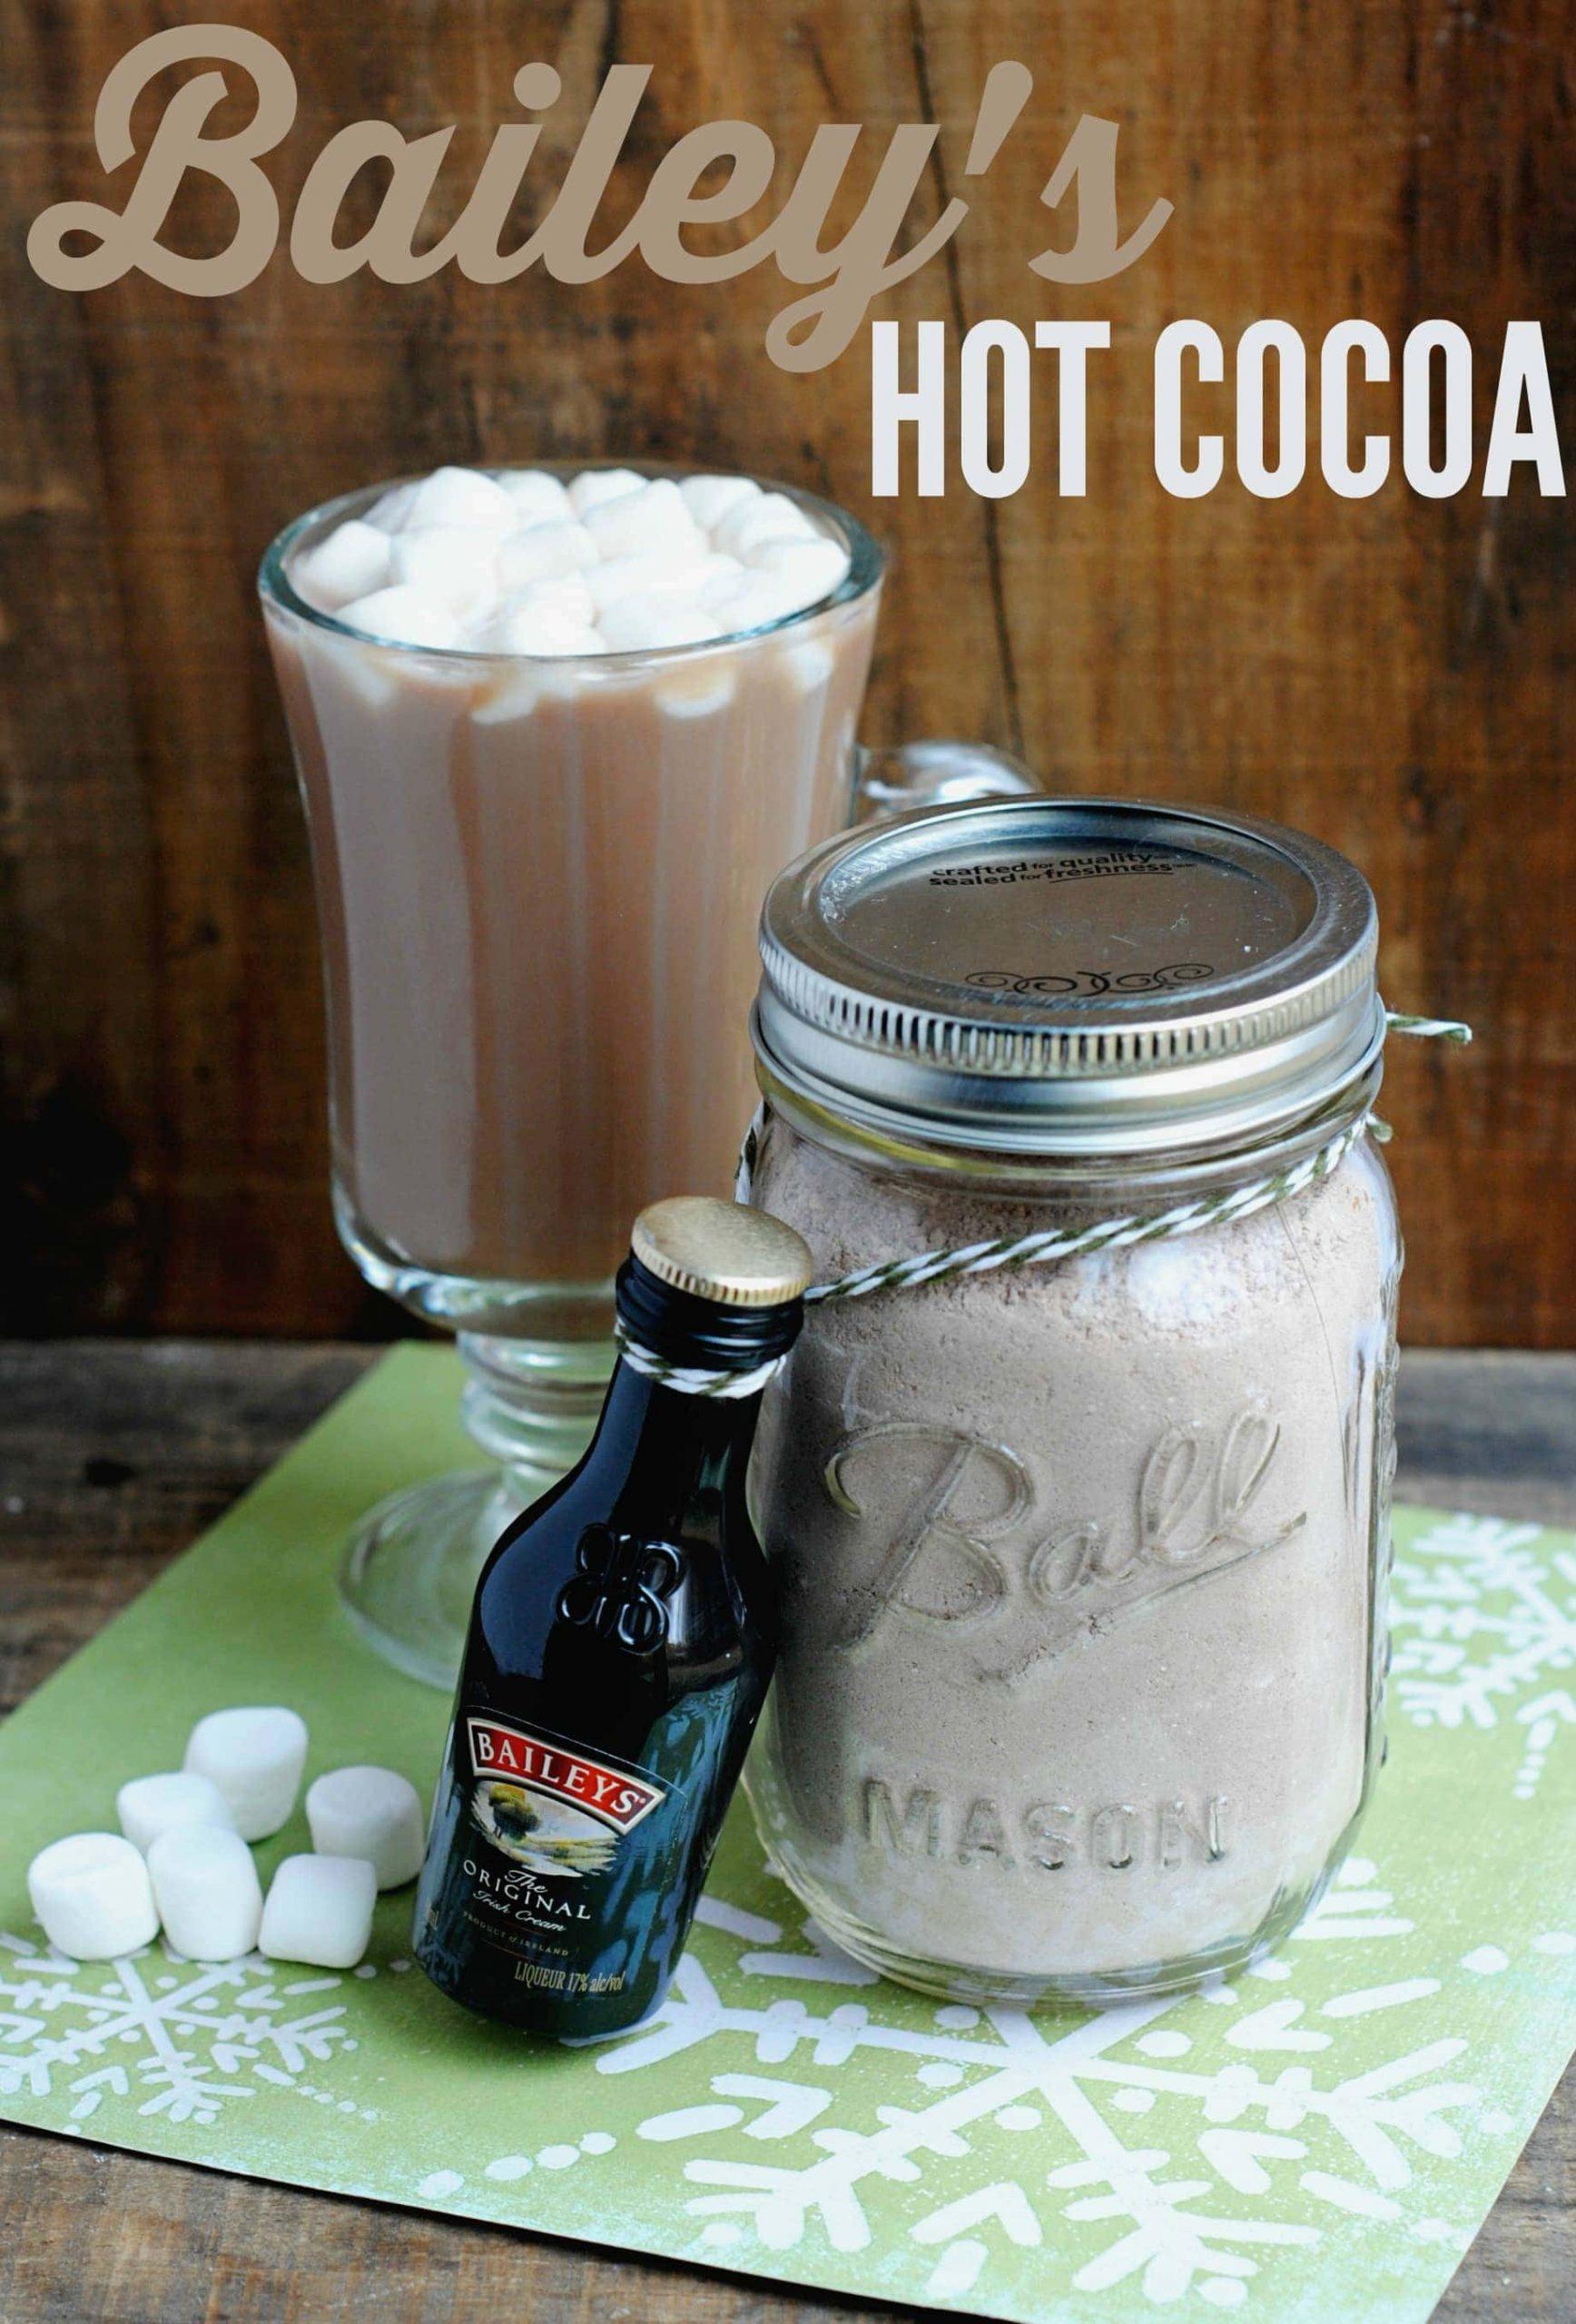 Bailey's Hot Cocoa Recipe + DIY Gift